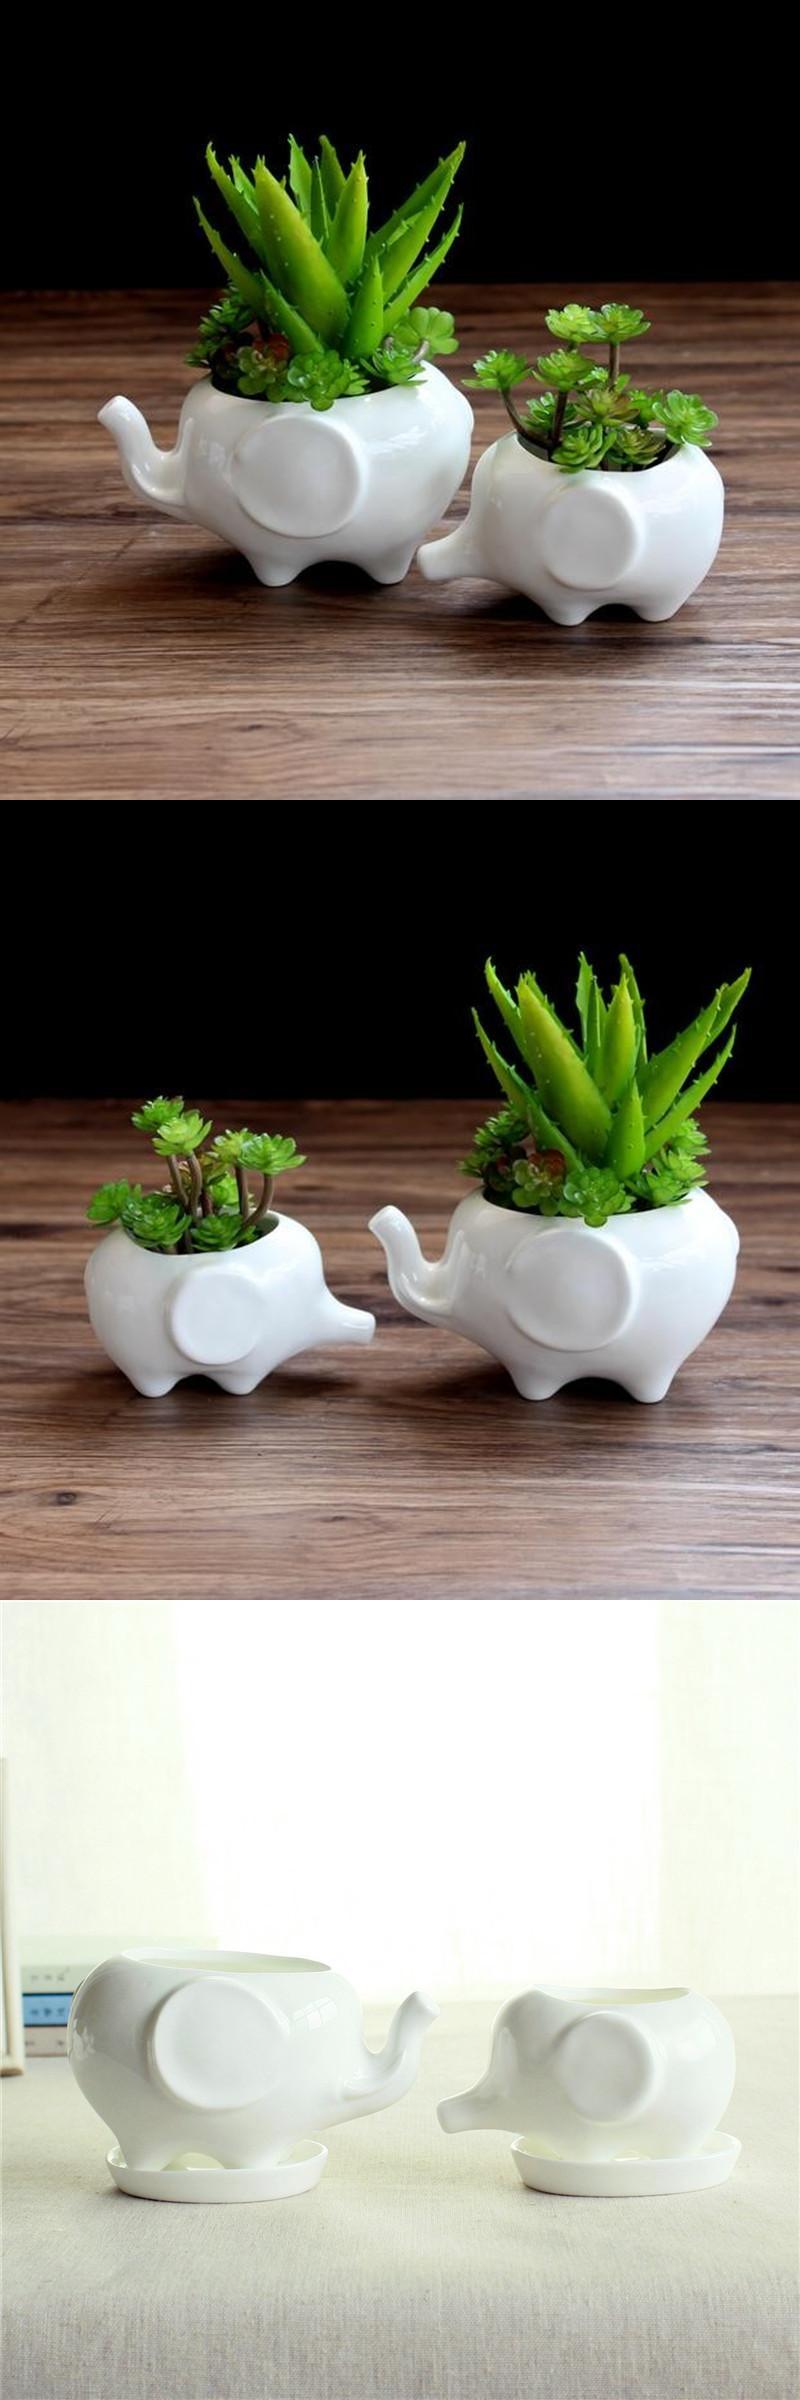 [Visit to Buy] Flower pot planters White elephant ceramic pote de vidro for  sale garden pots flower vasi macetas pot fleur bonsai pots